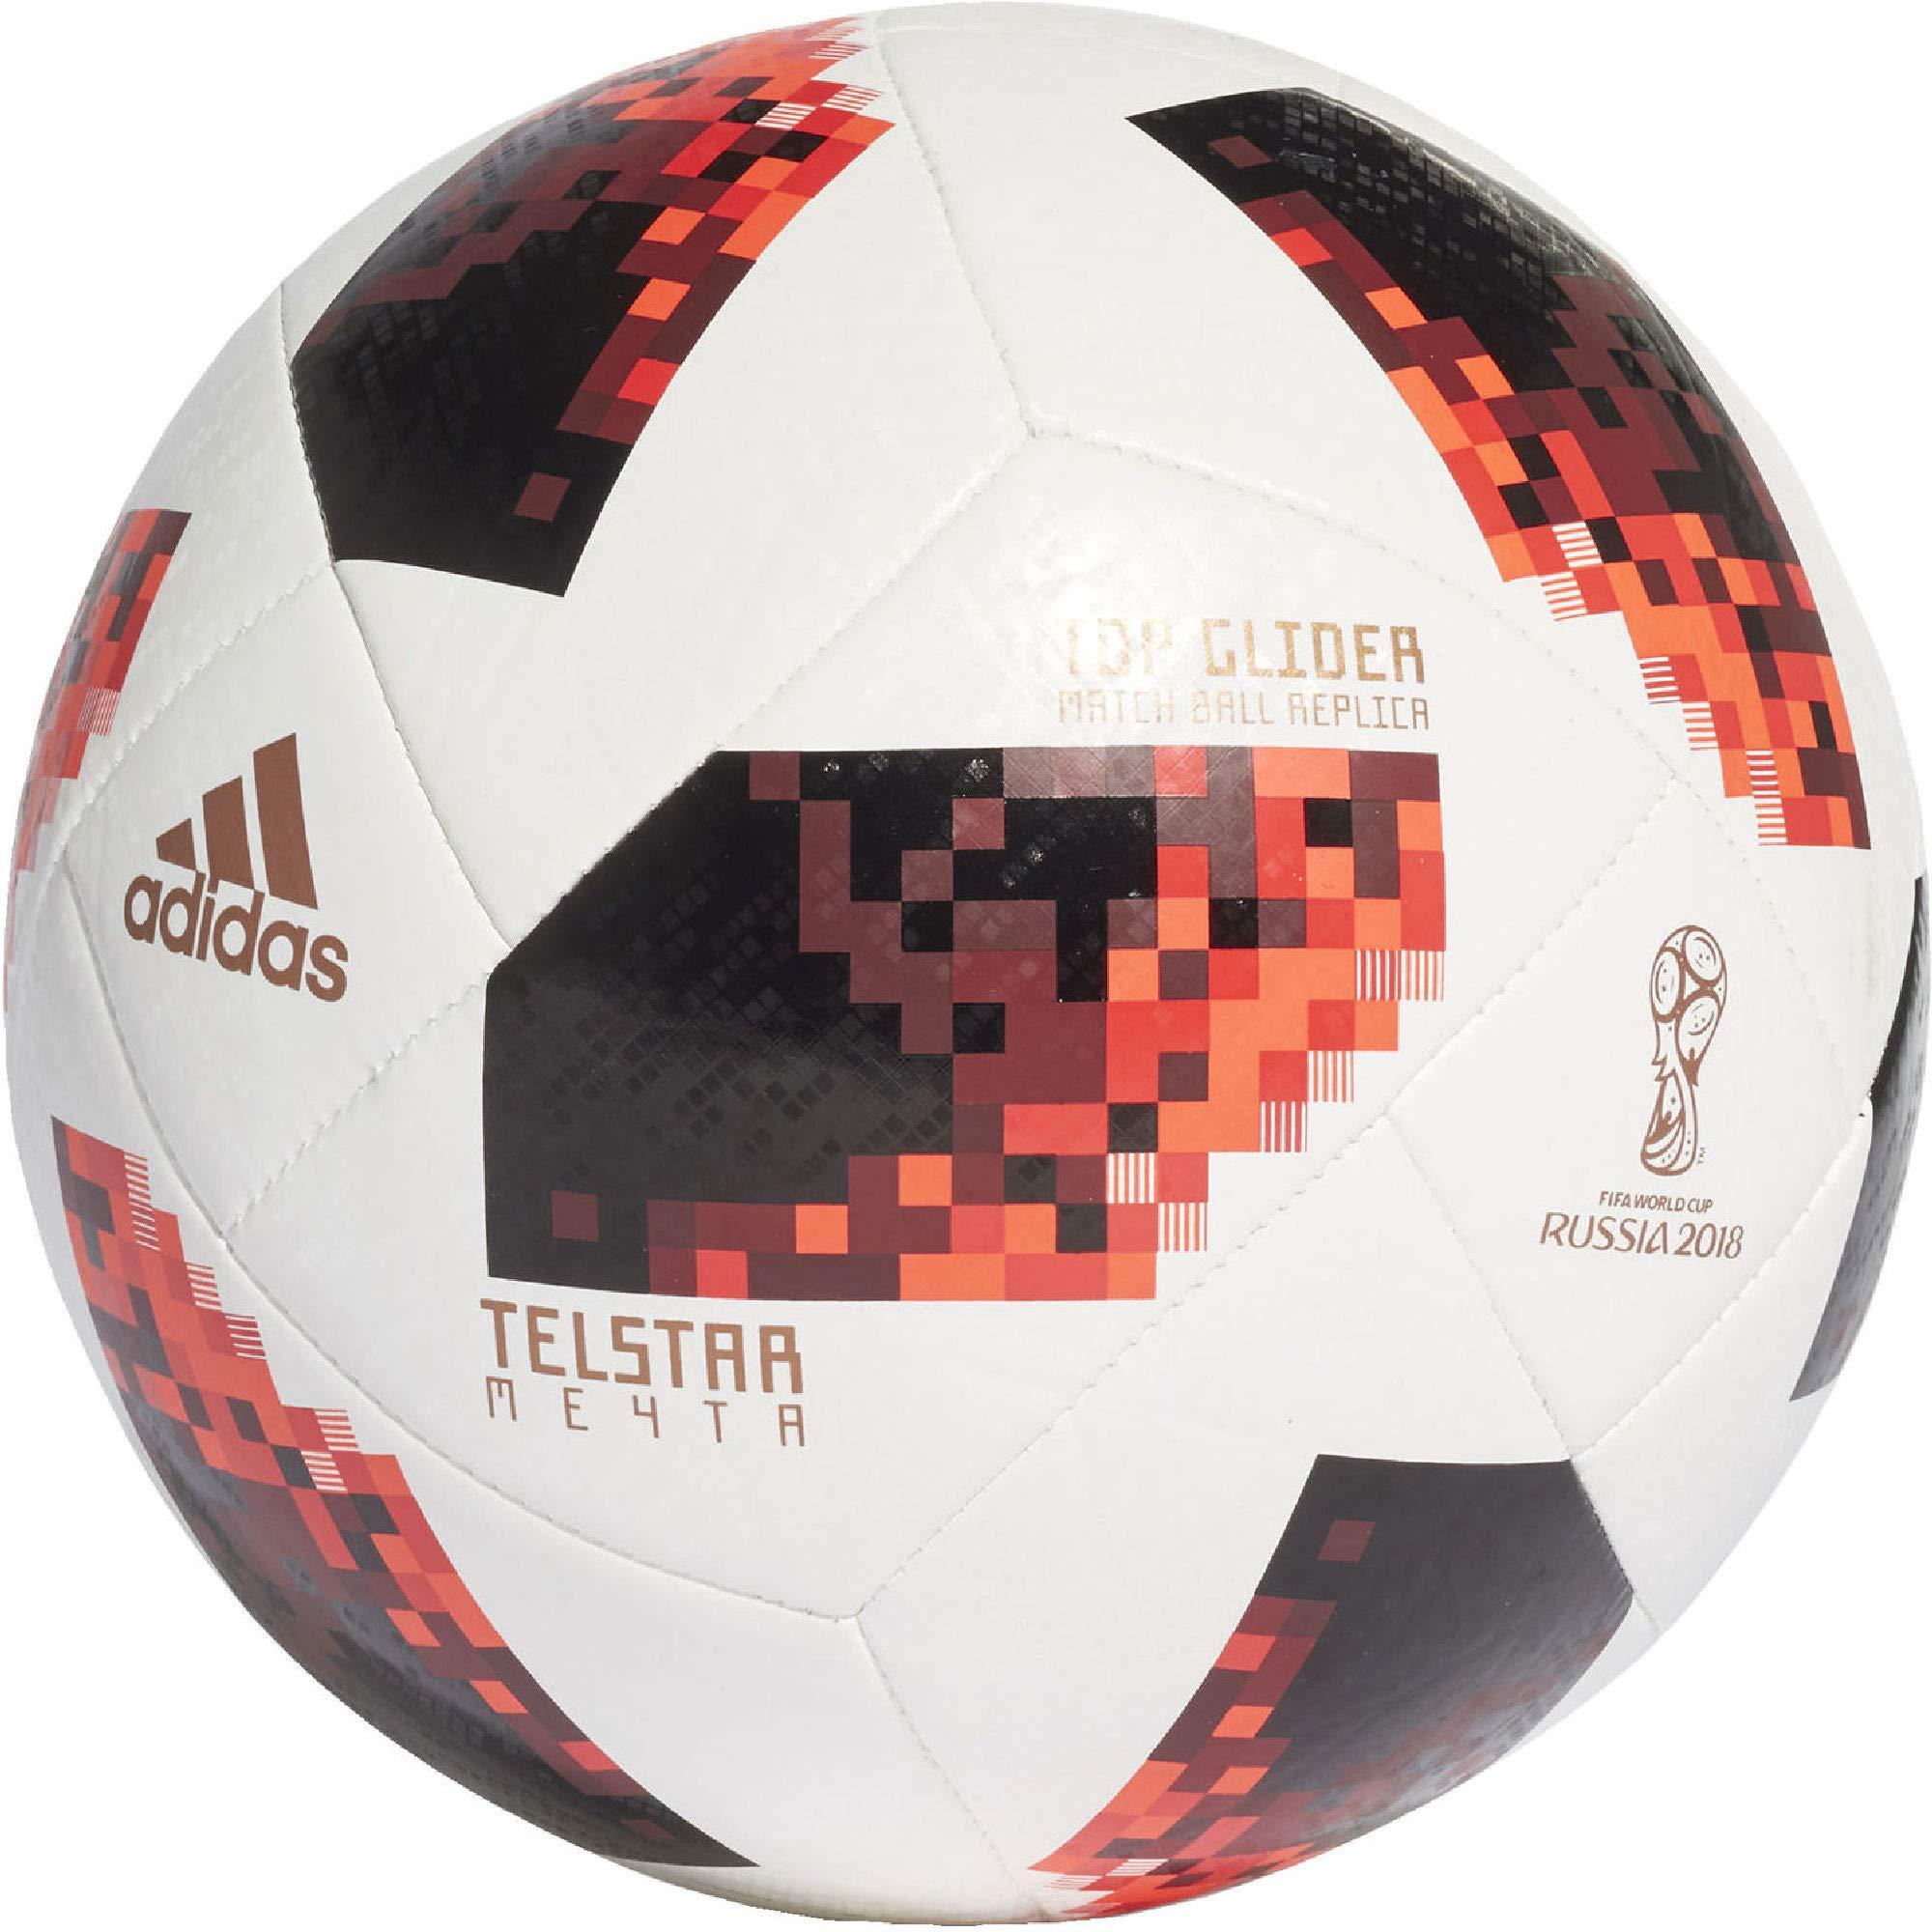 e3ba686db adidas FIFA Campeonato Mundial de Knockout Top Glider – Balón de fútbol  product image